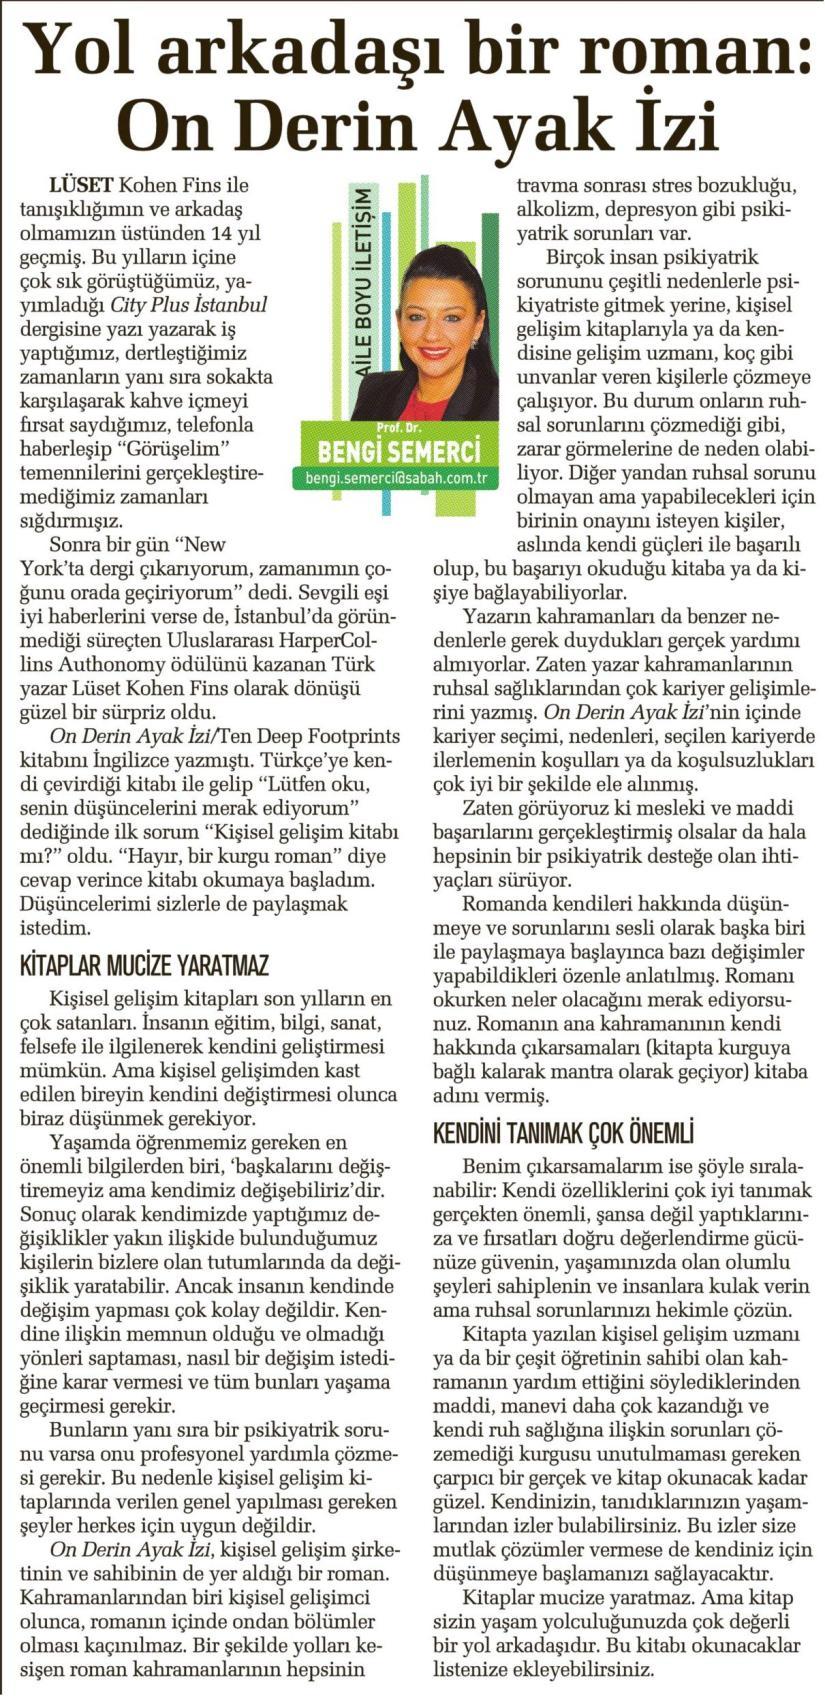 Yol arkadaşı bir roman: On Derin Ayak İzi - SABAH CUMARTESİ08.03.2014